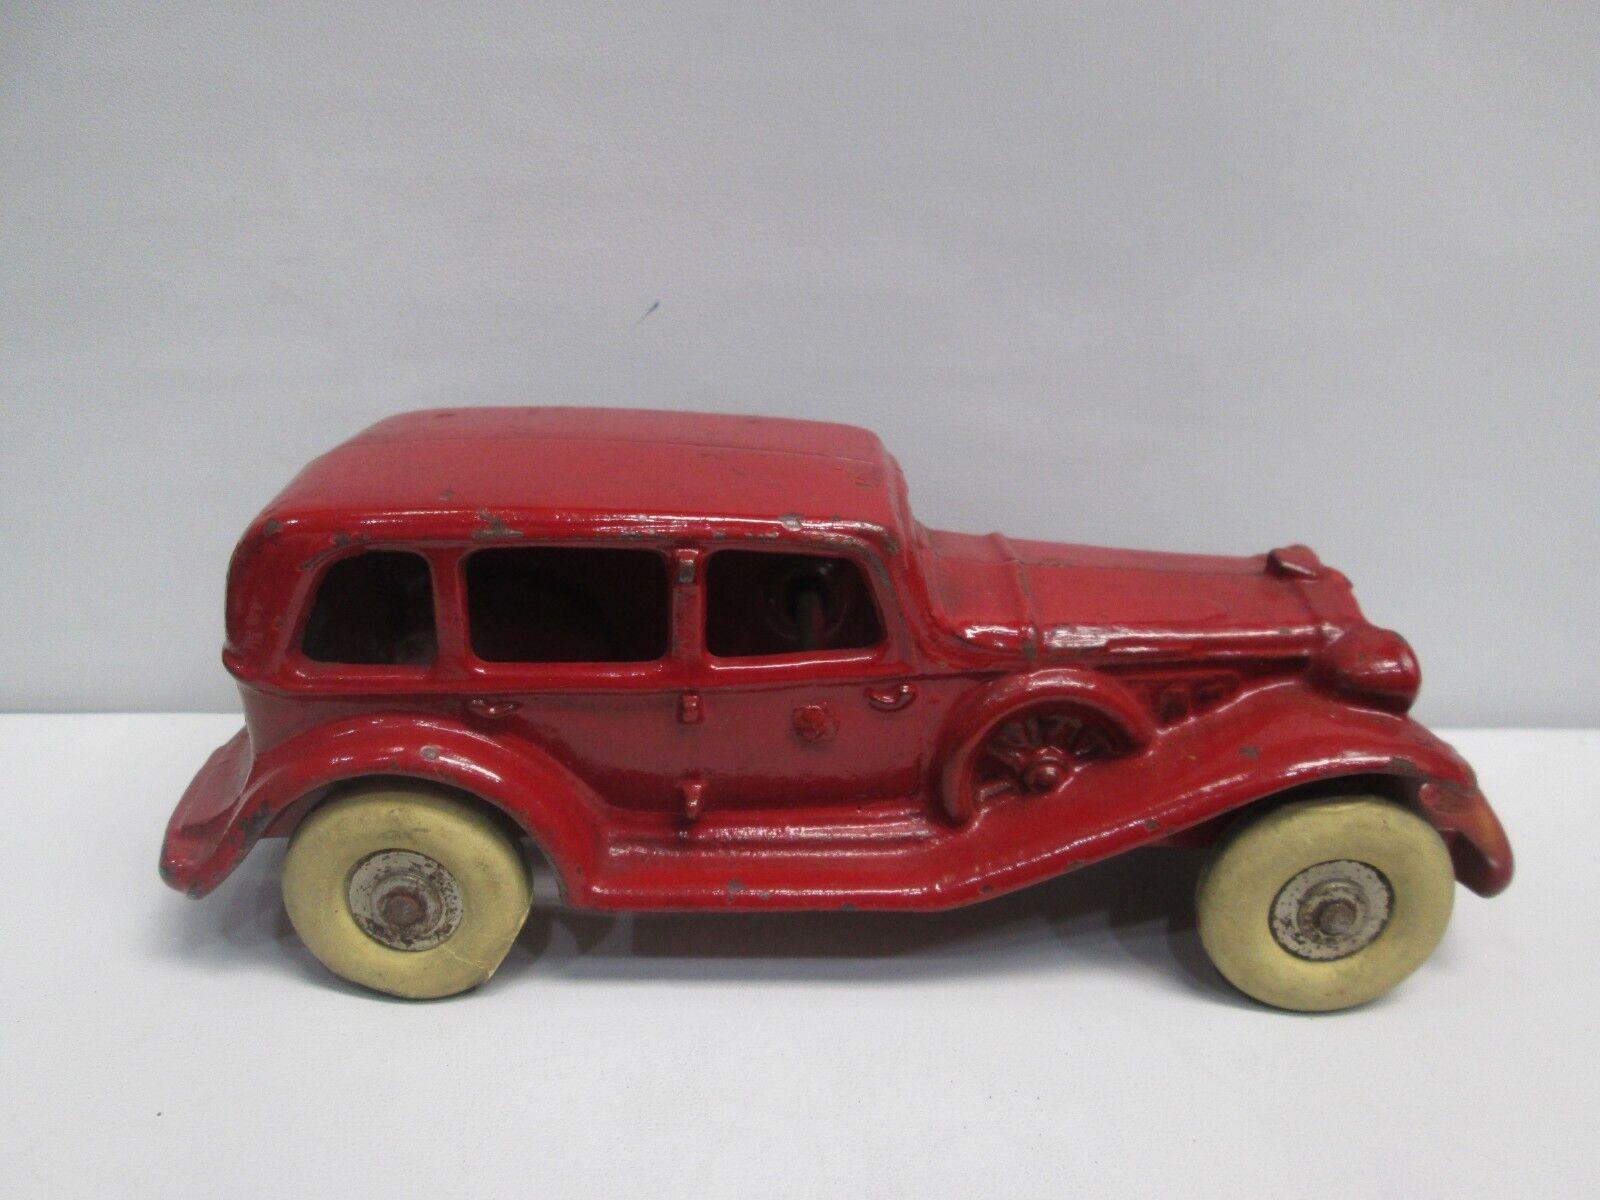 Hubley Arcade antiguo Sedan Rojo-condición Original